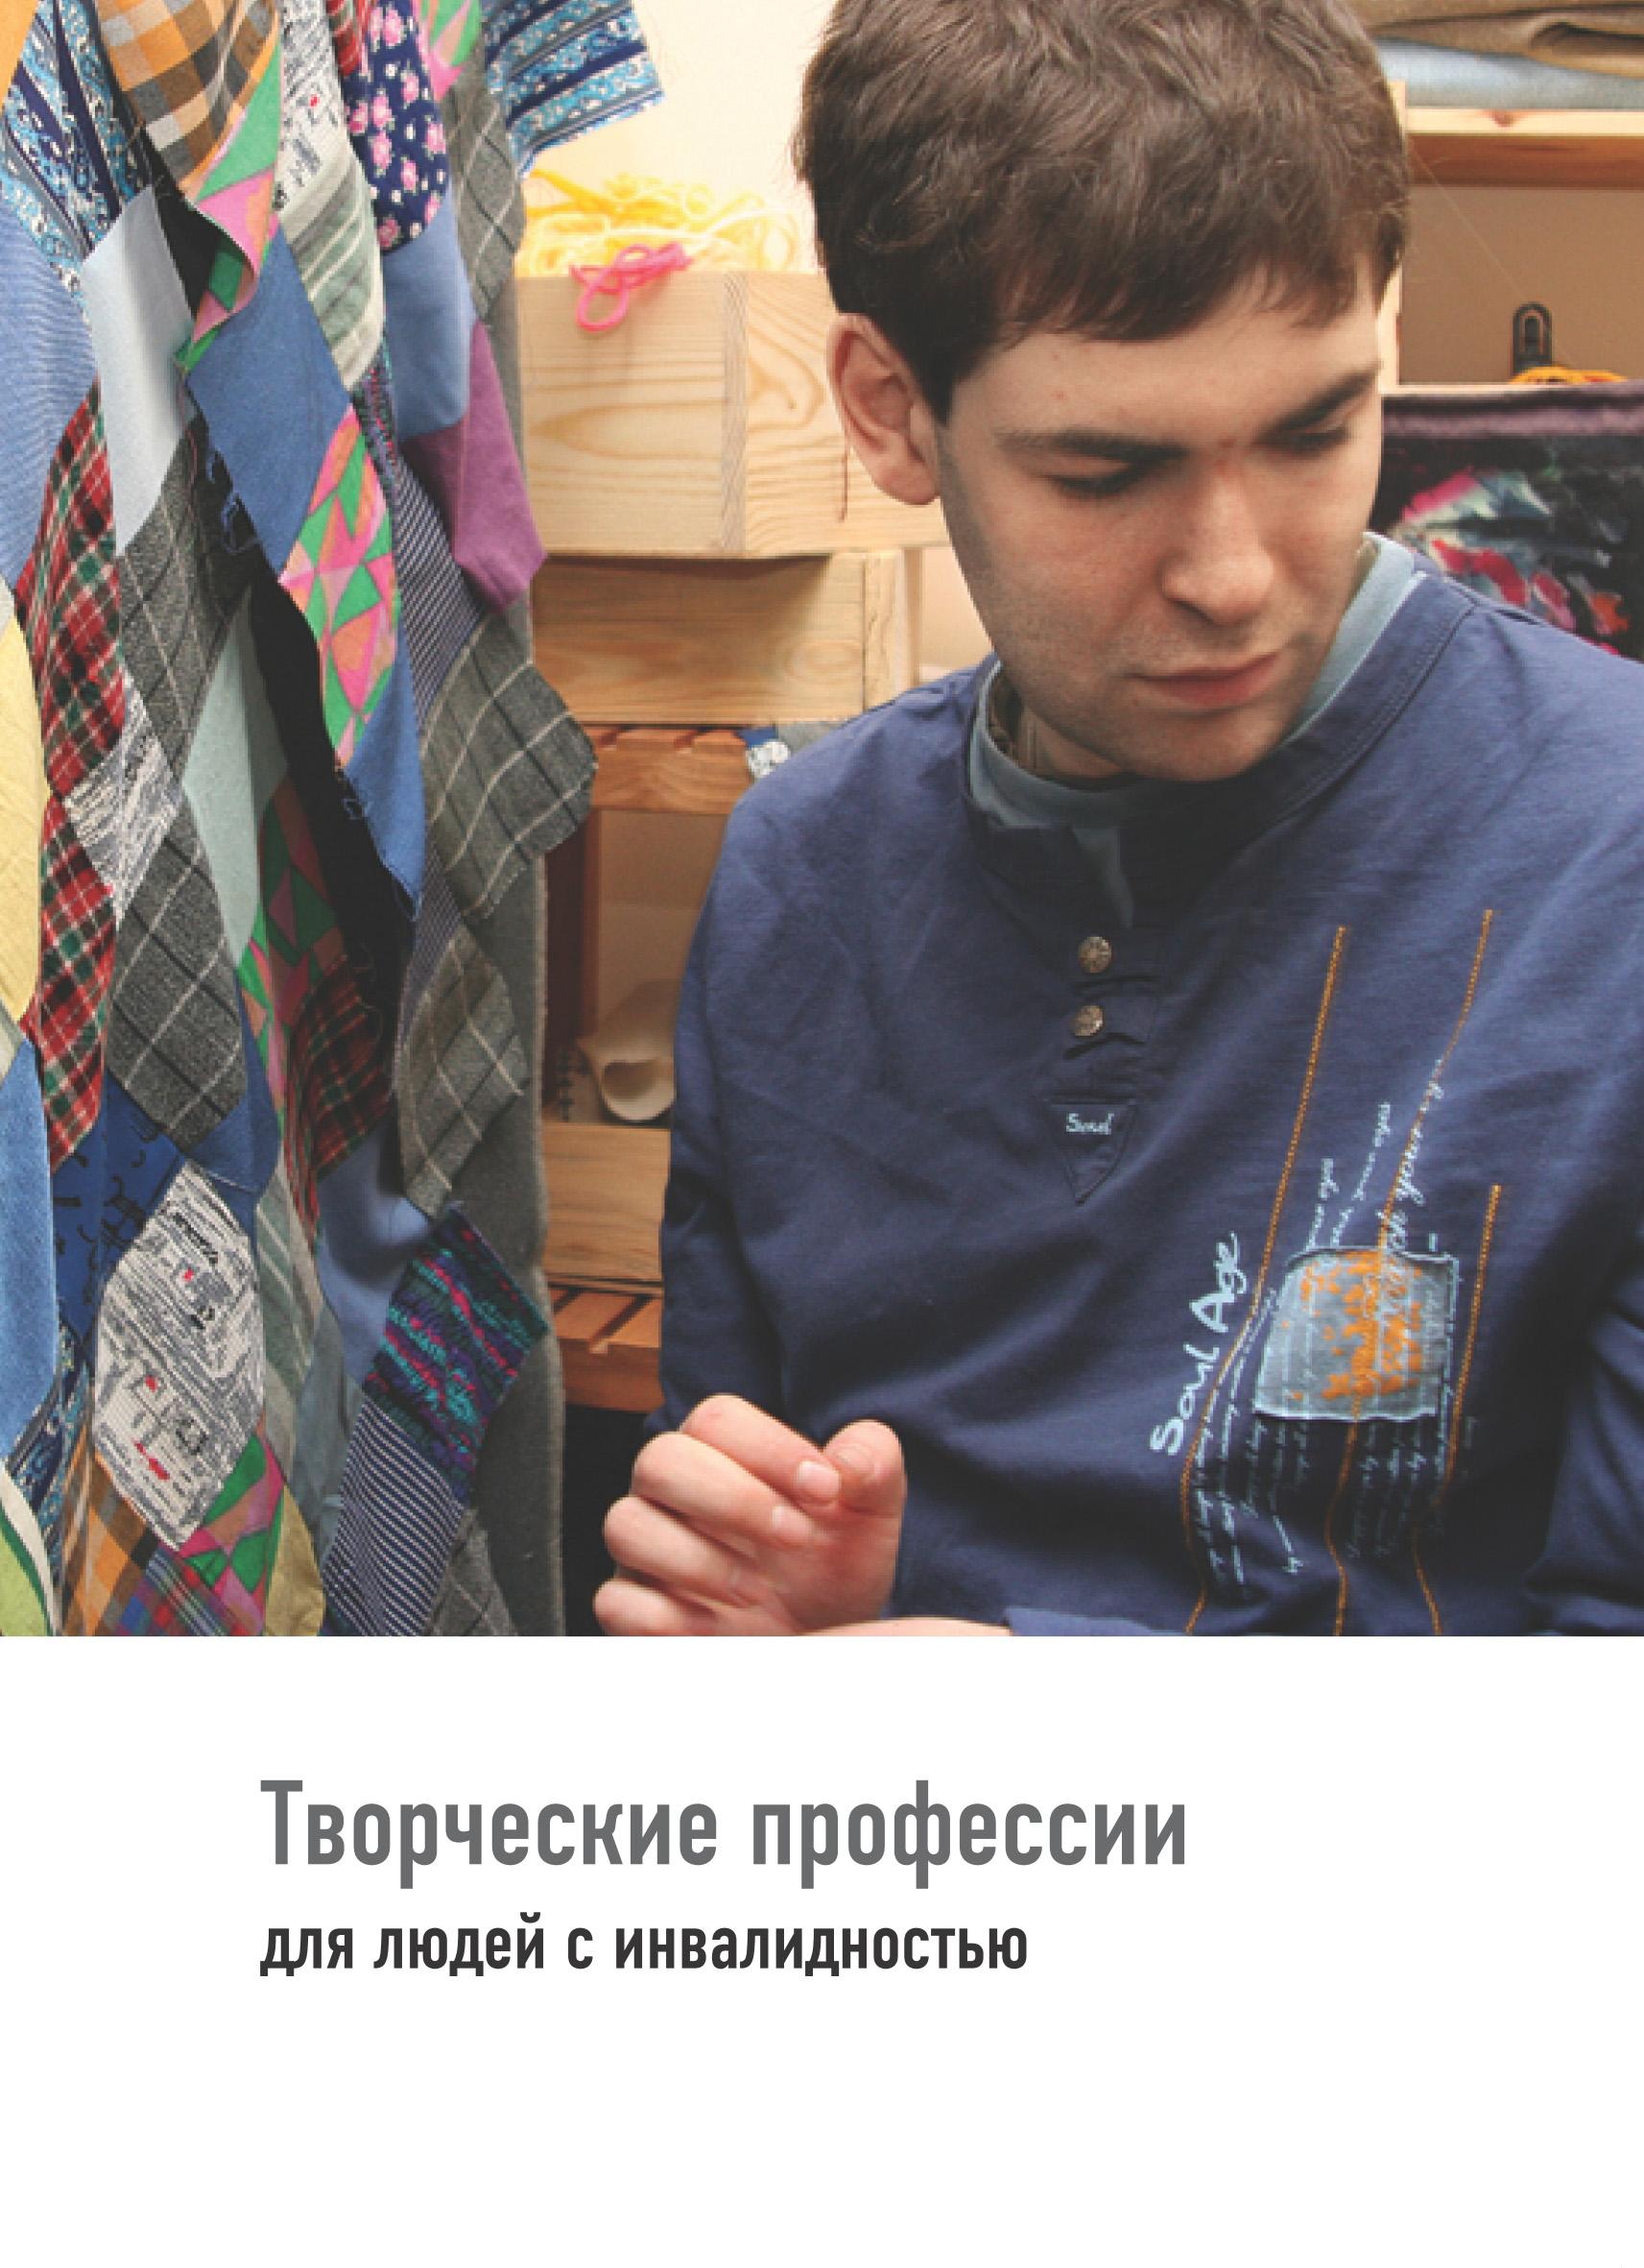 Творческие профессии для людей с инвалидностью